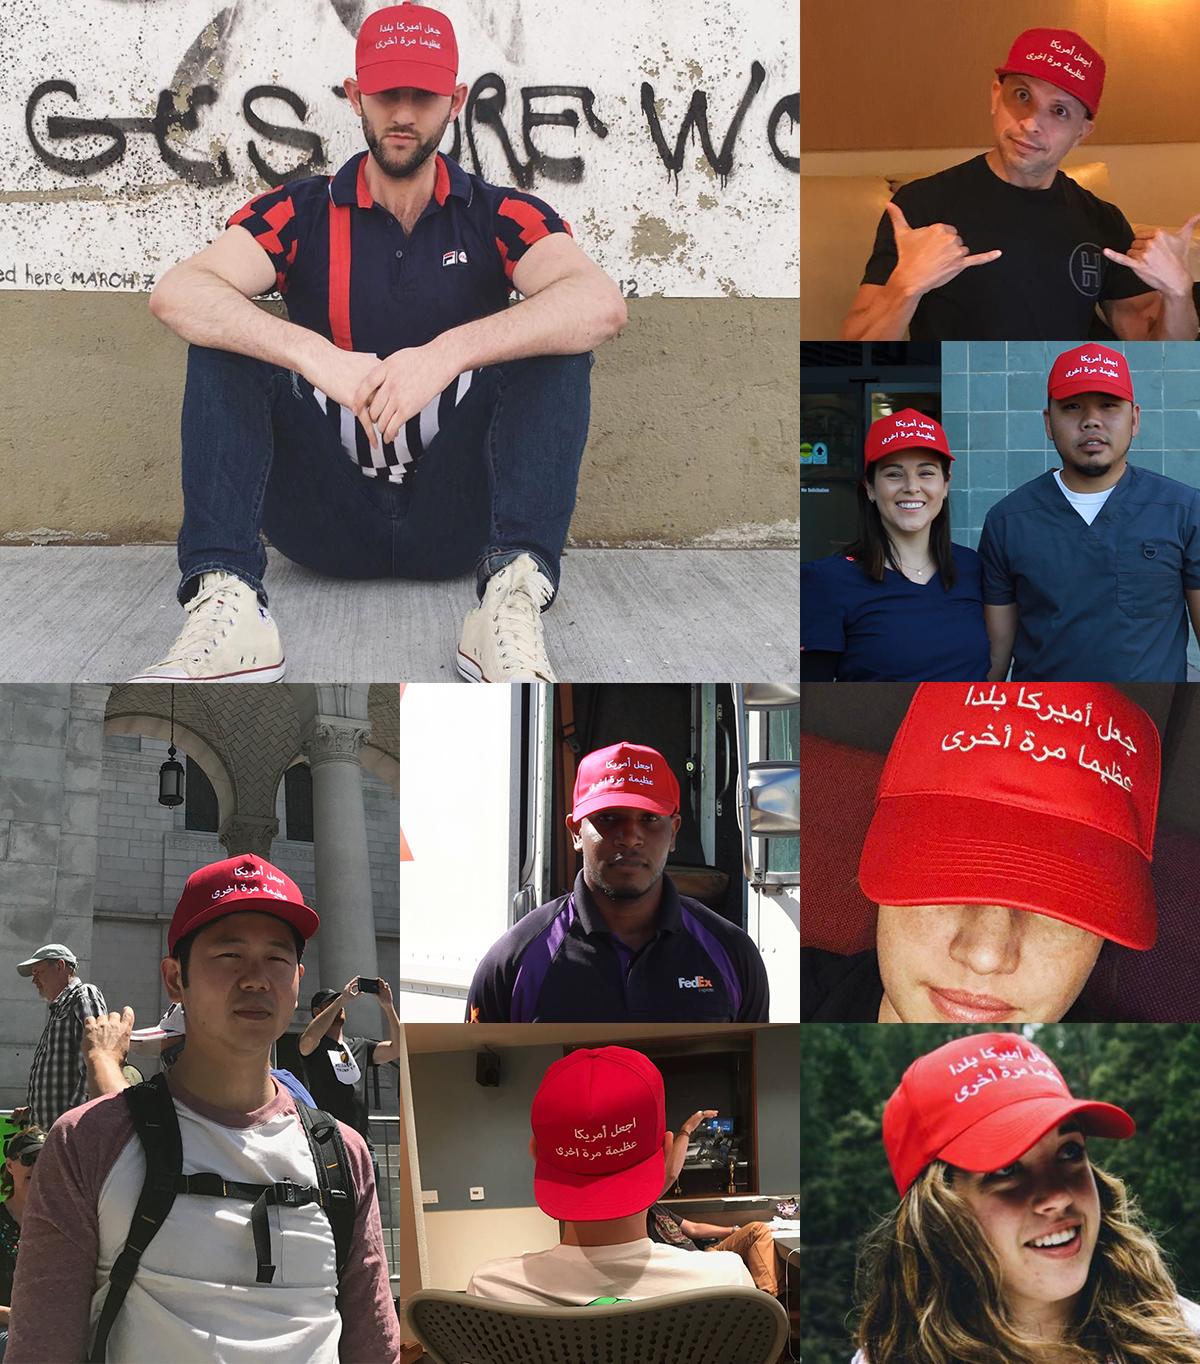 Hat_people.jpg